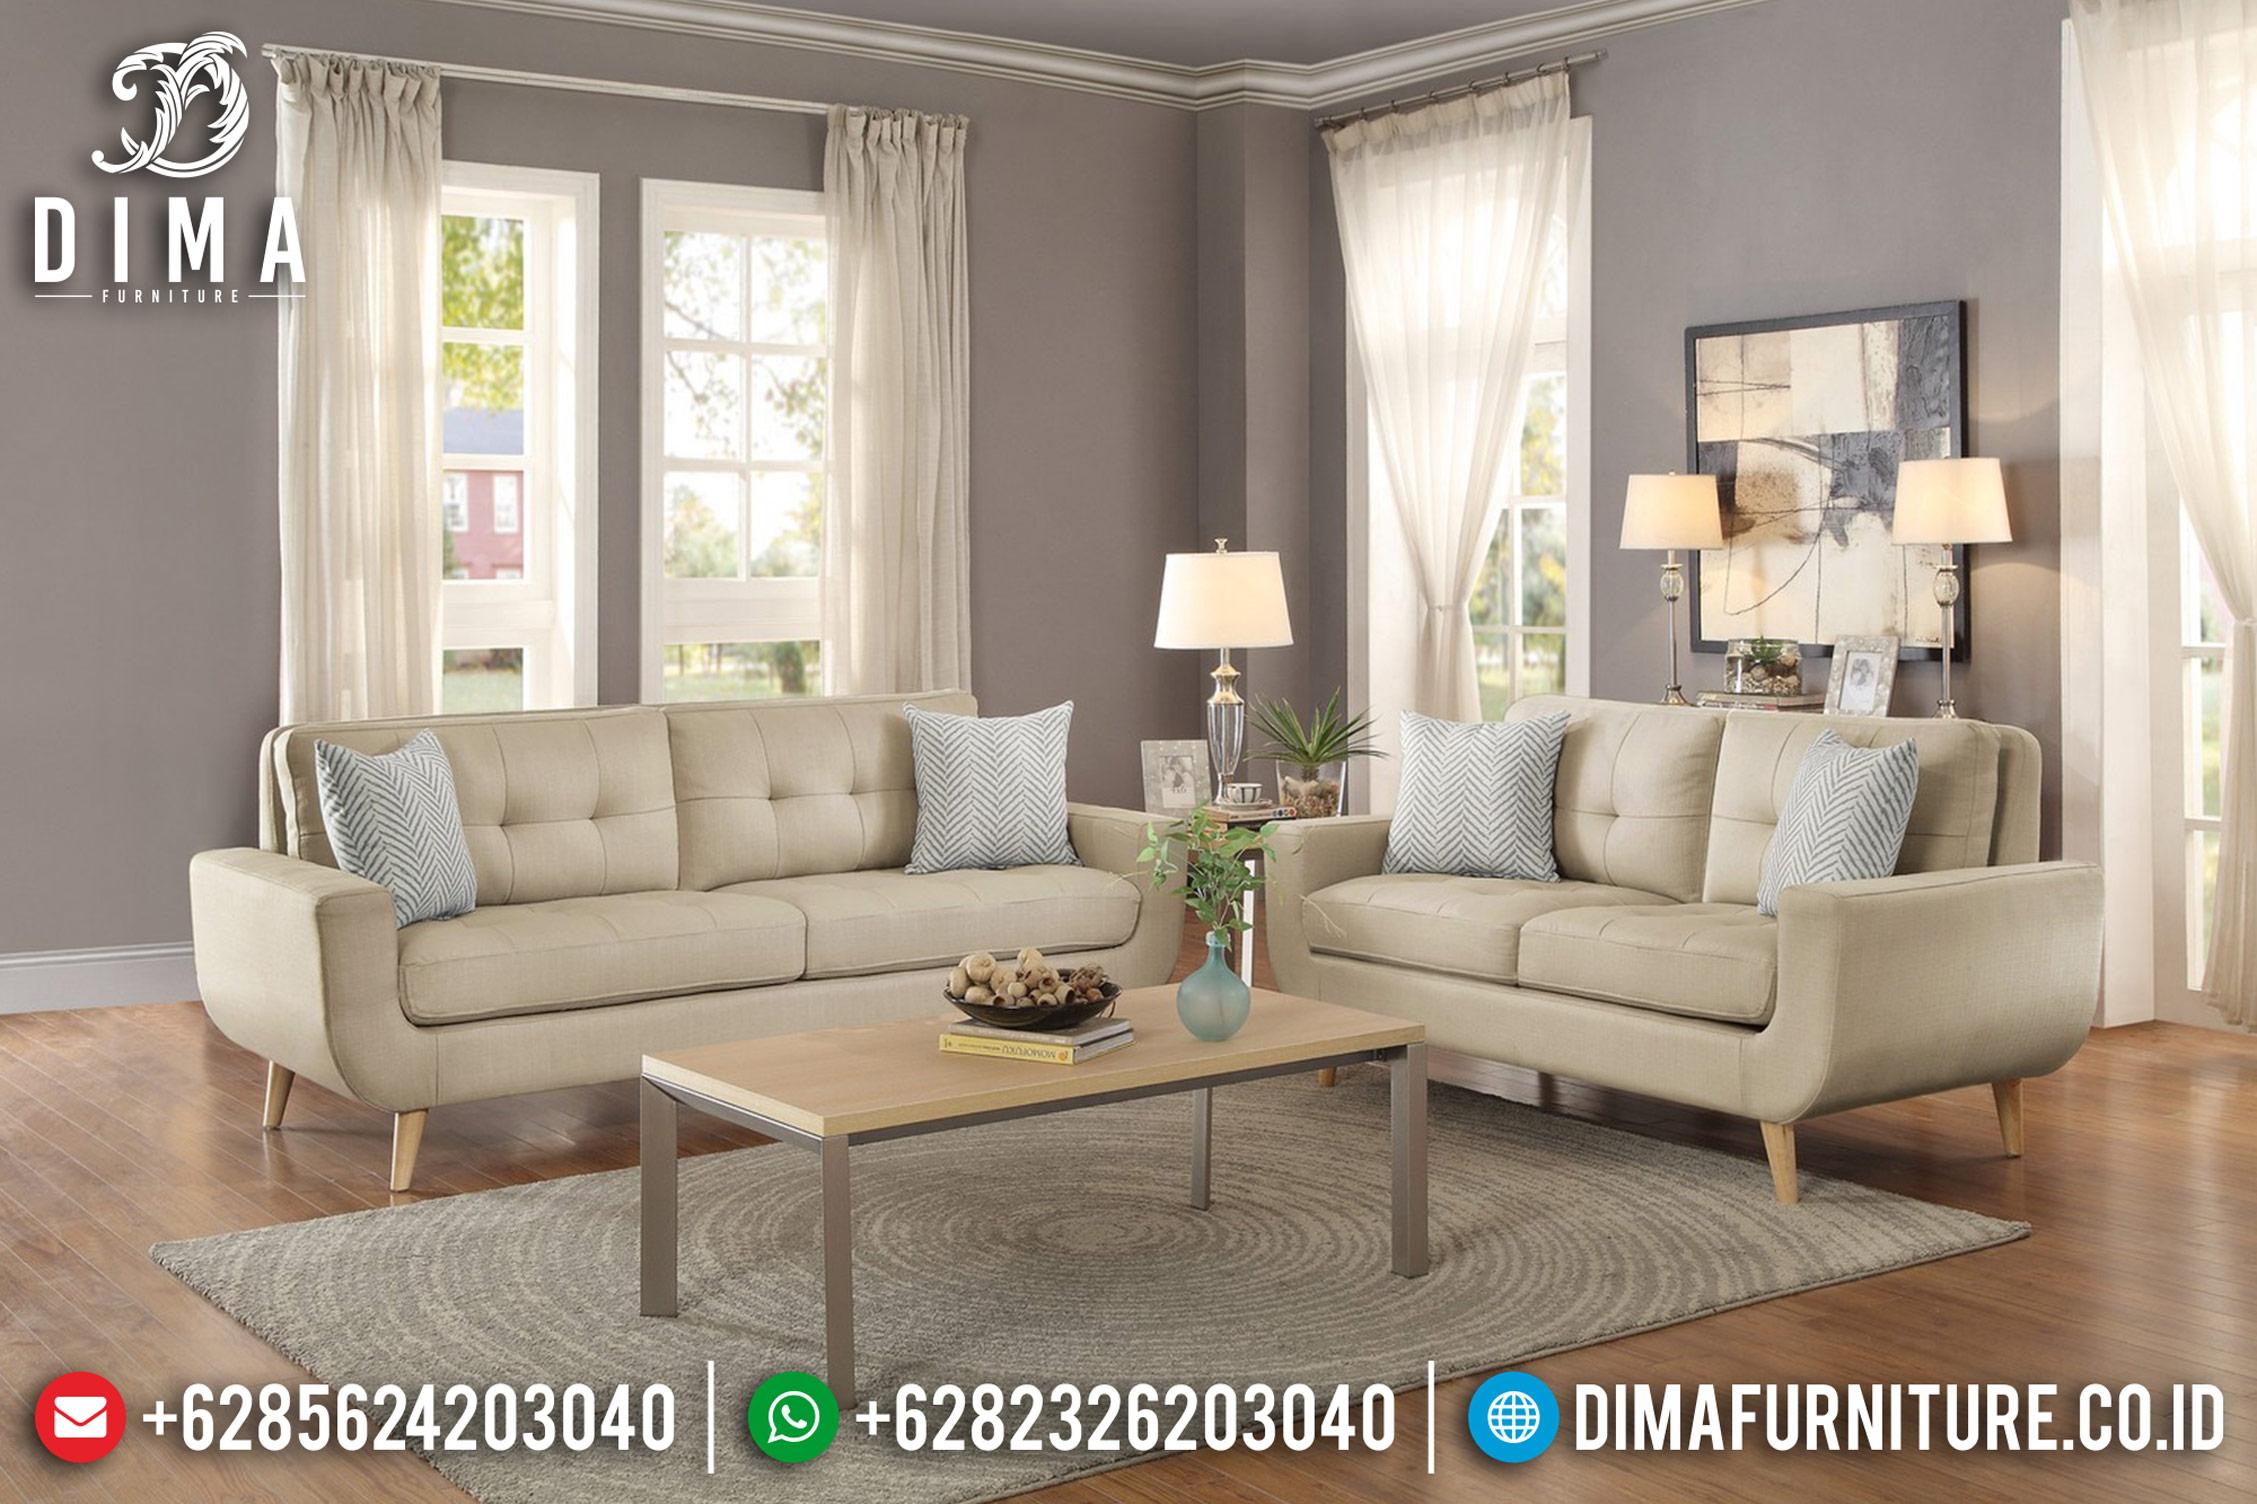 Sofa Tamu Jepara Minimalis, Sofa Terbaru 2019, Kursi Ruang Tamu DF-0893